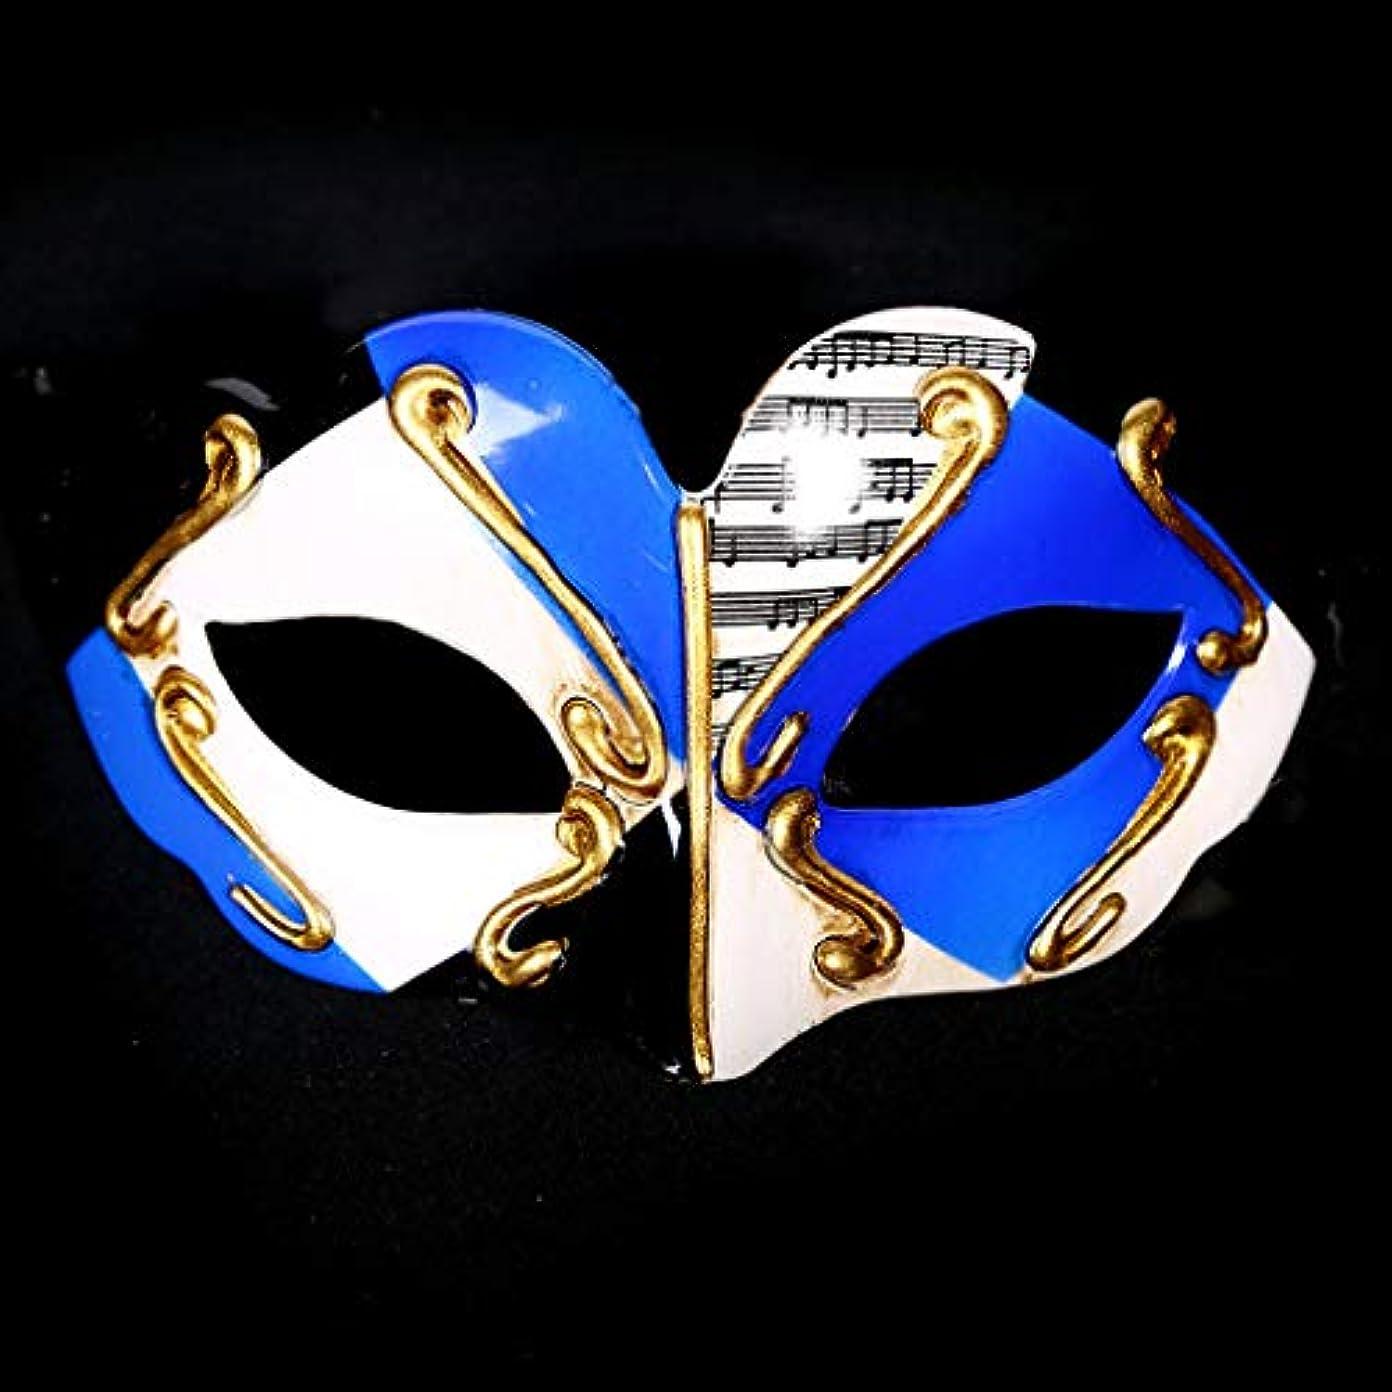 スペル無能法律ハロウィンマスクヴェネツィア仮装ハーフフェイスプラスチック子供アダルトマスクコスチュームプロップ (Color : BLUE)